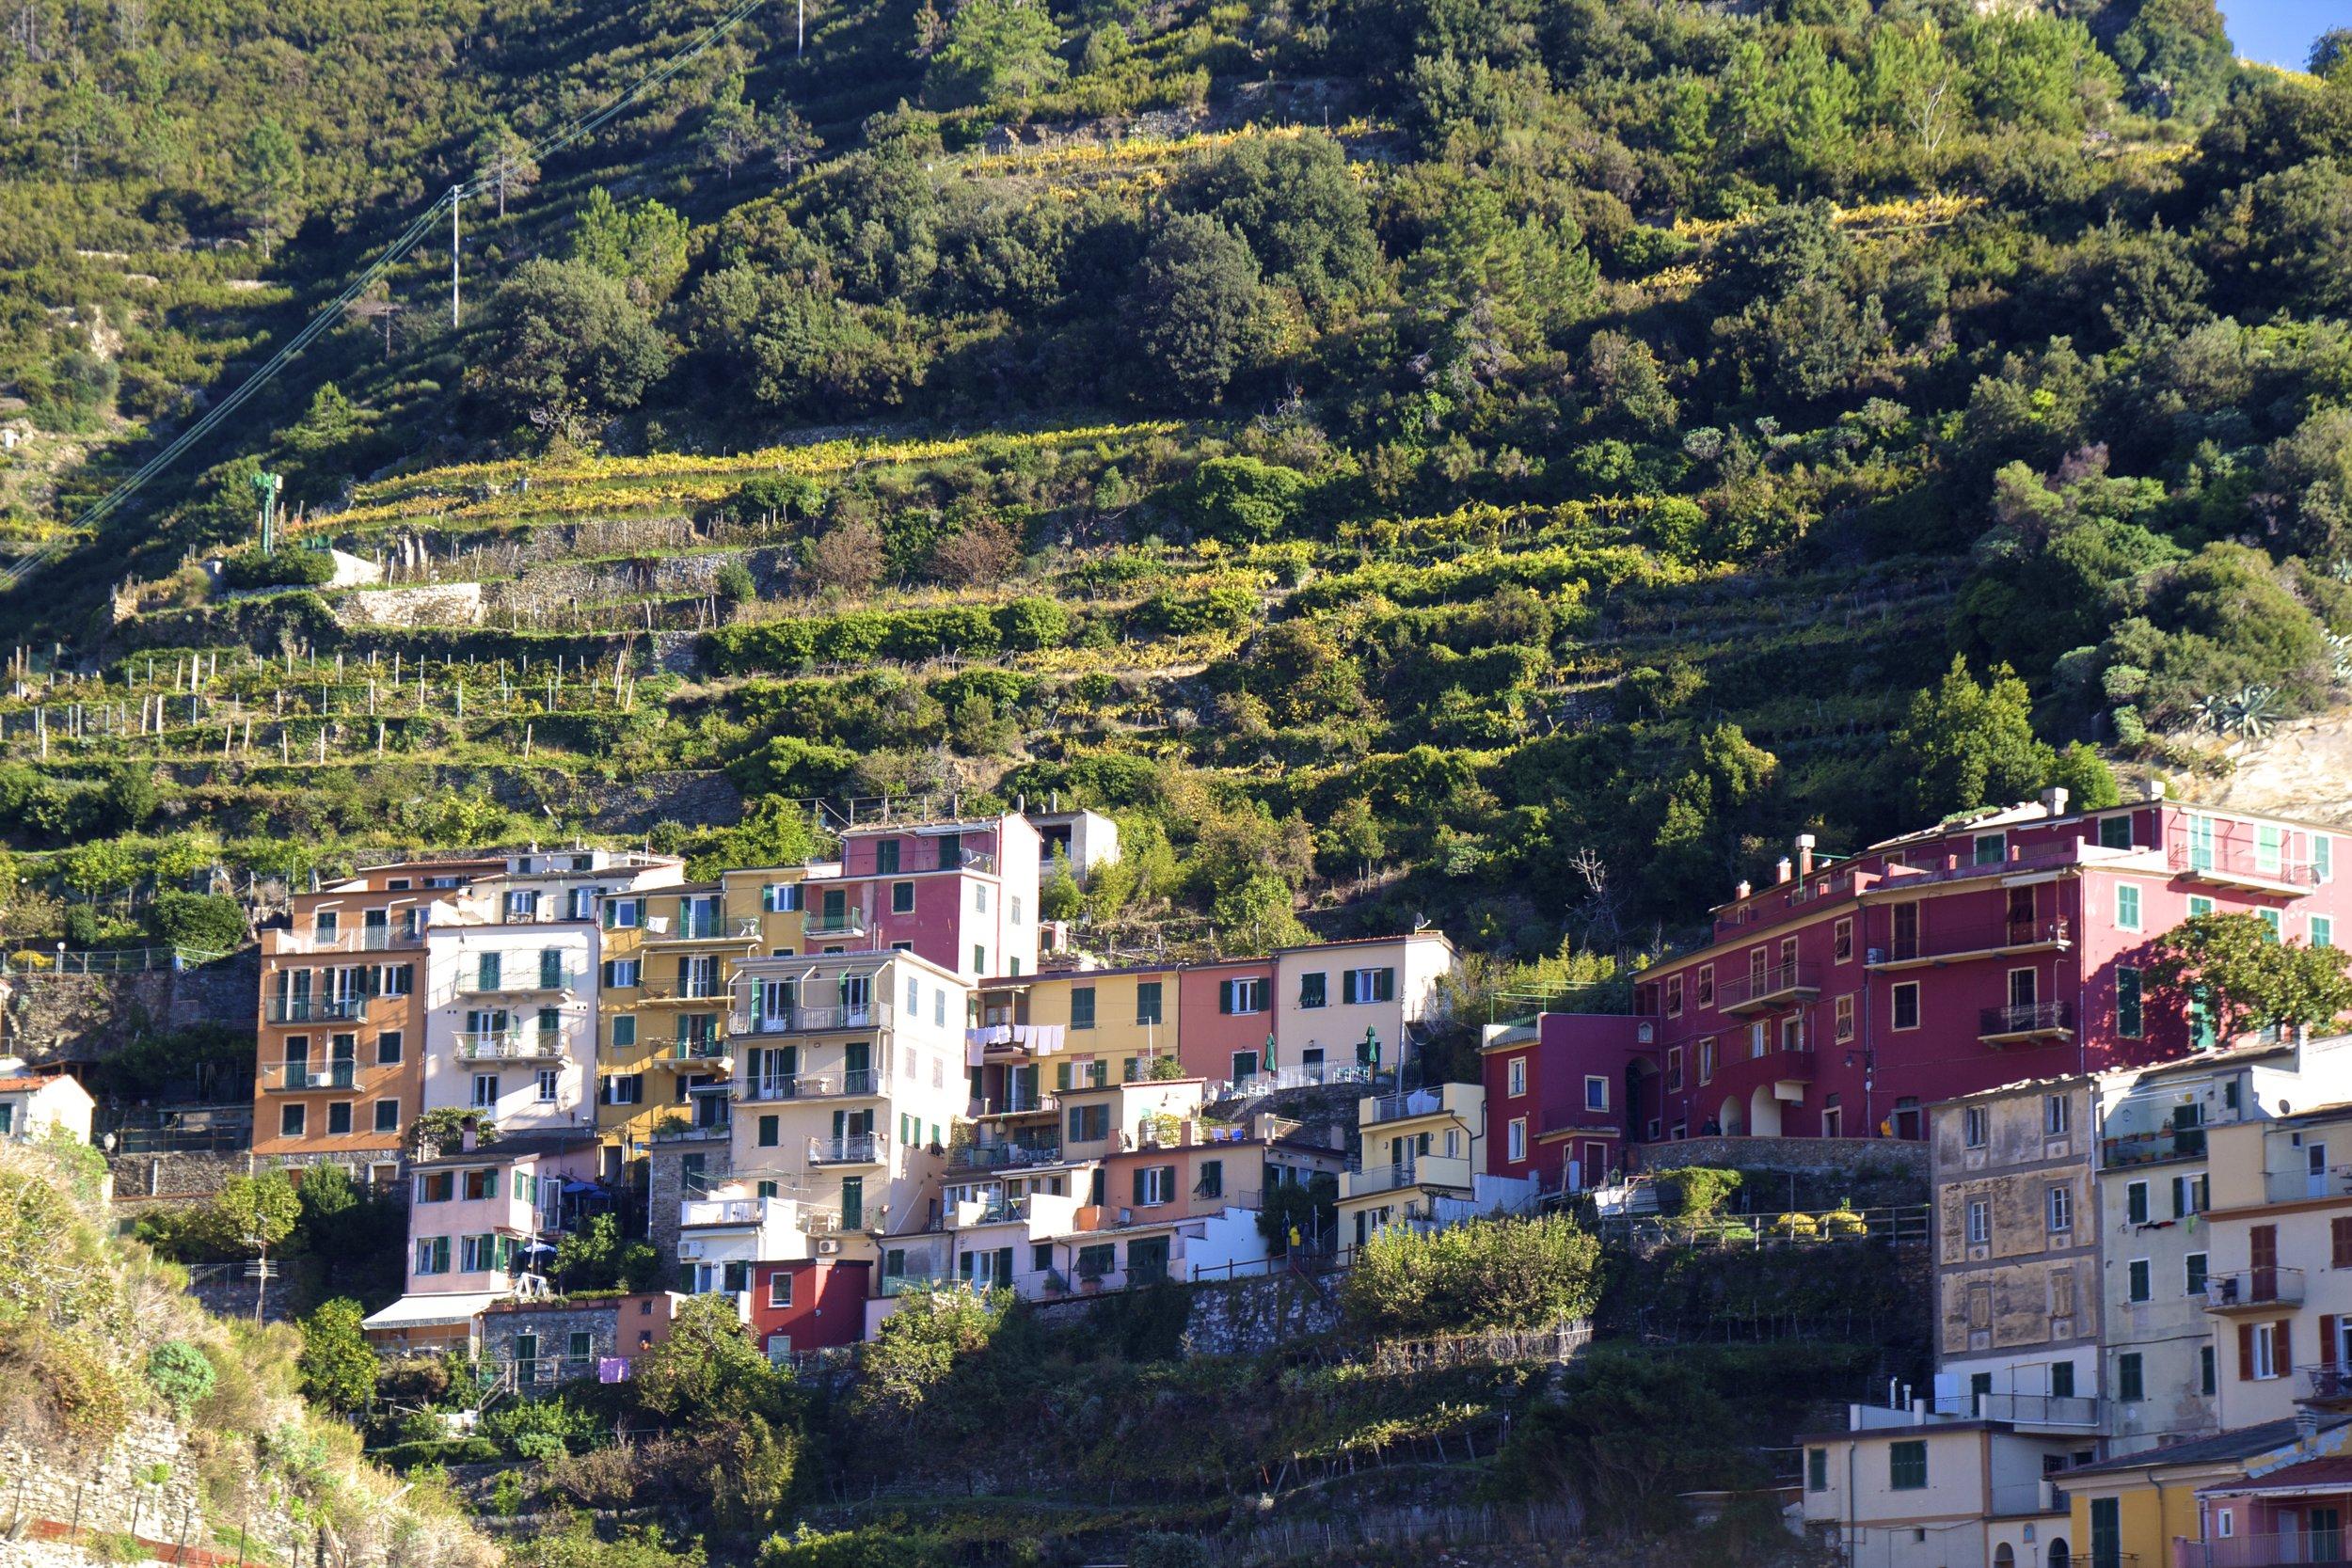 manarola cinque terre italy 5.jpg